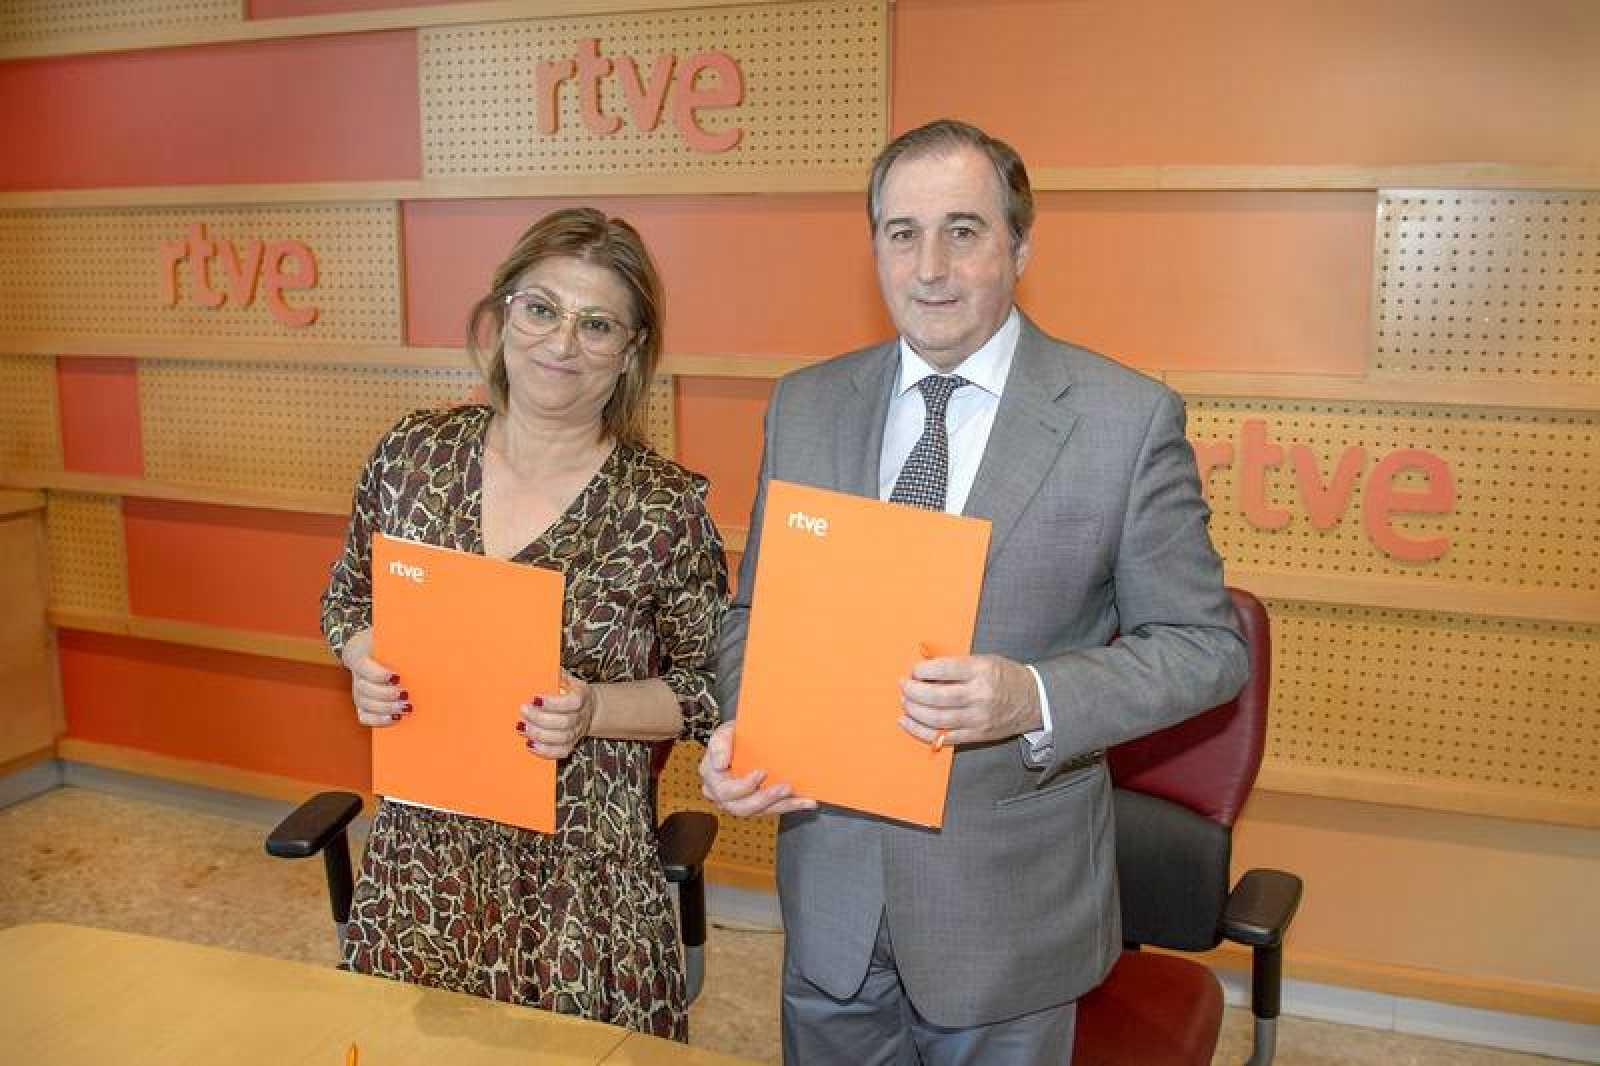 El director de TVE, Eladio Jareño, y la alcaldesa de Medina del Campo (Valladolid), Teresa López Martín